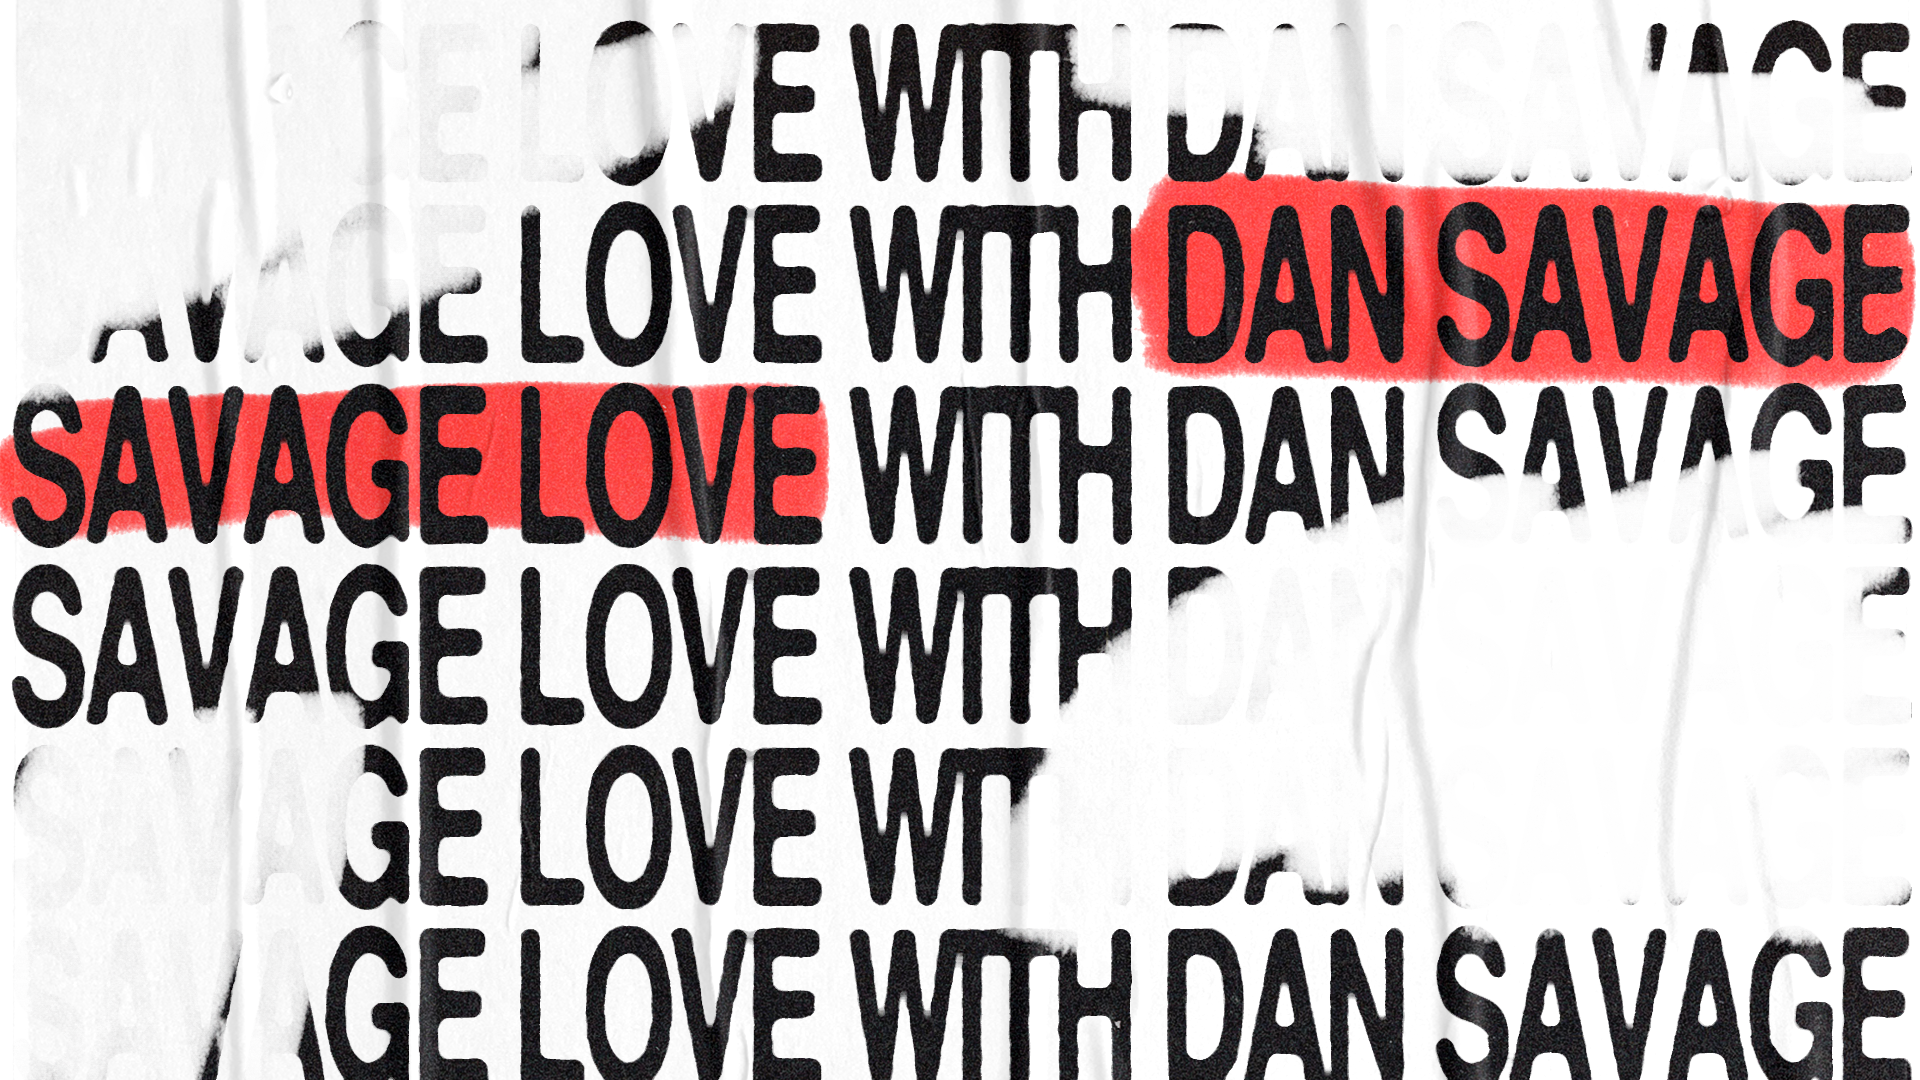 Dan Savage 1920x1080 12